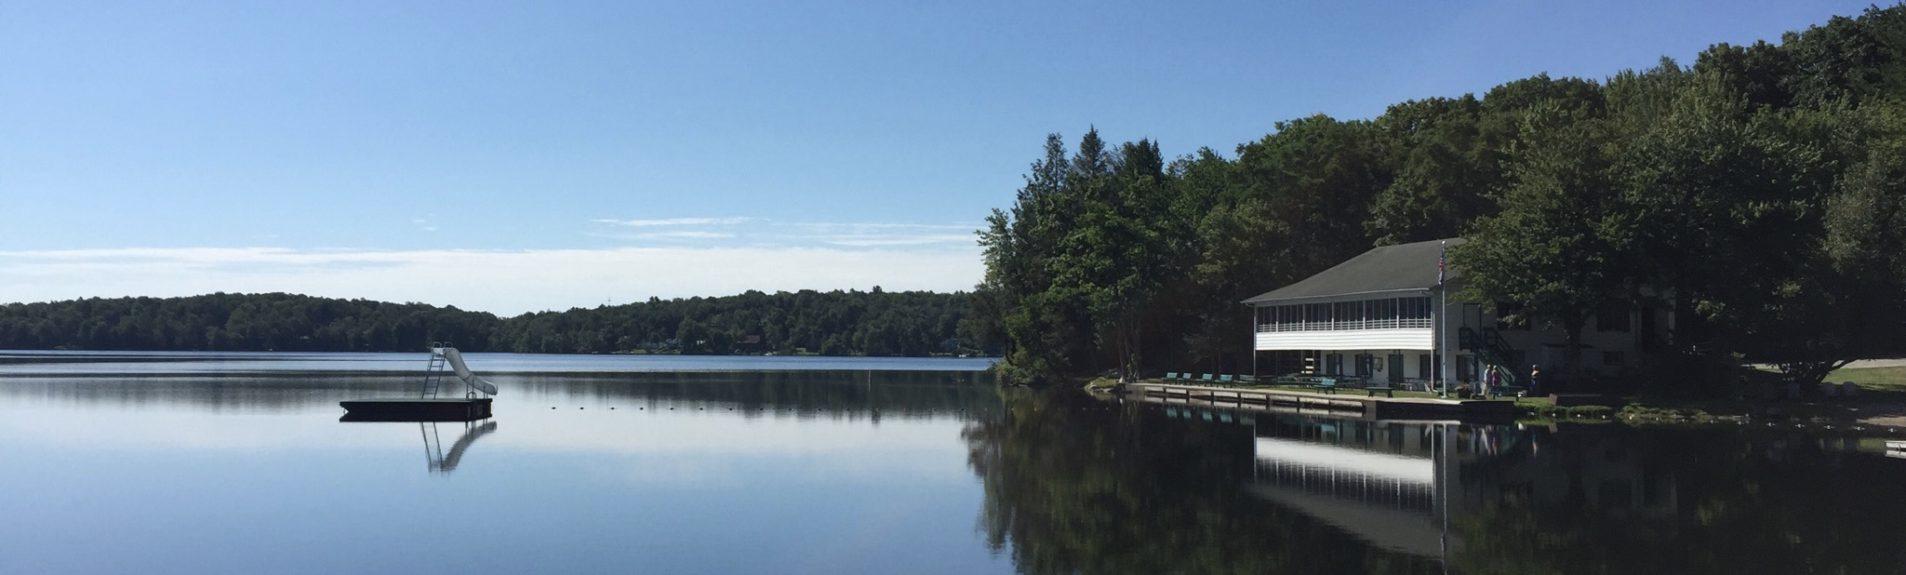 Wanaksink Lake Club